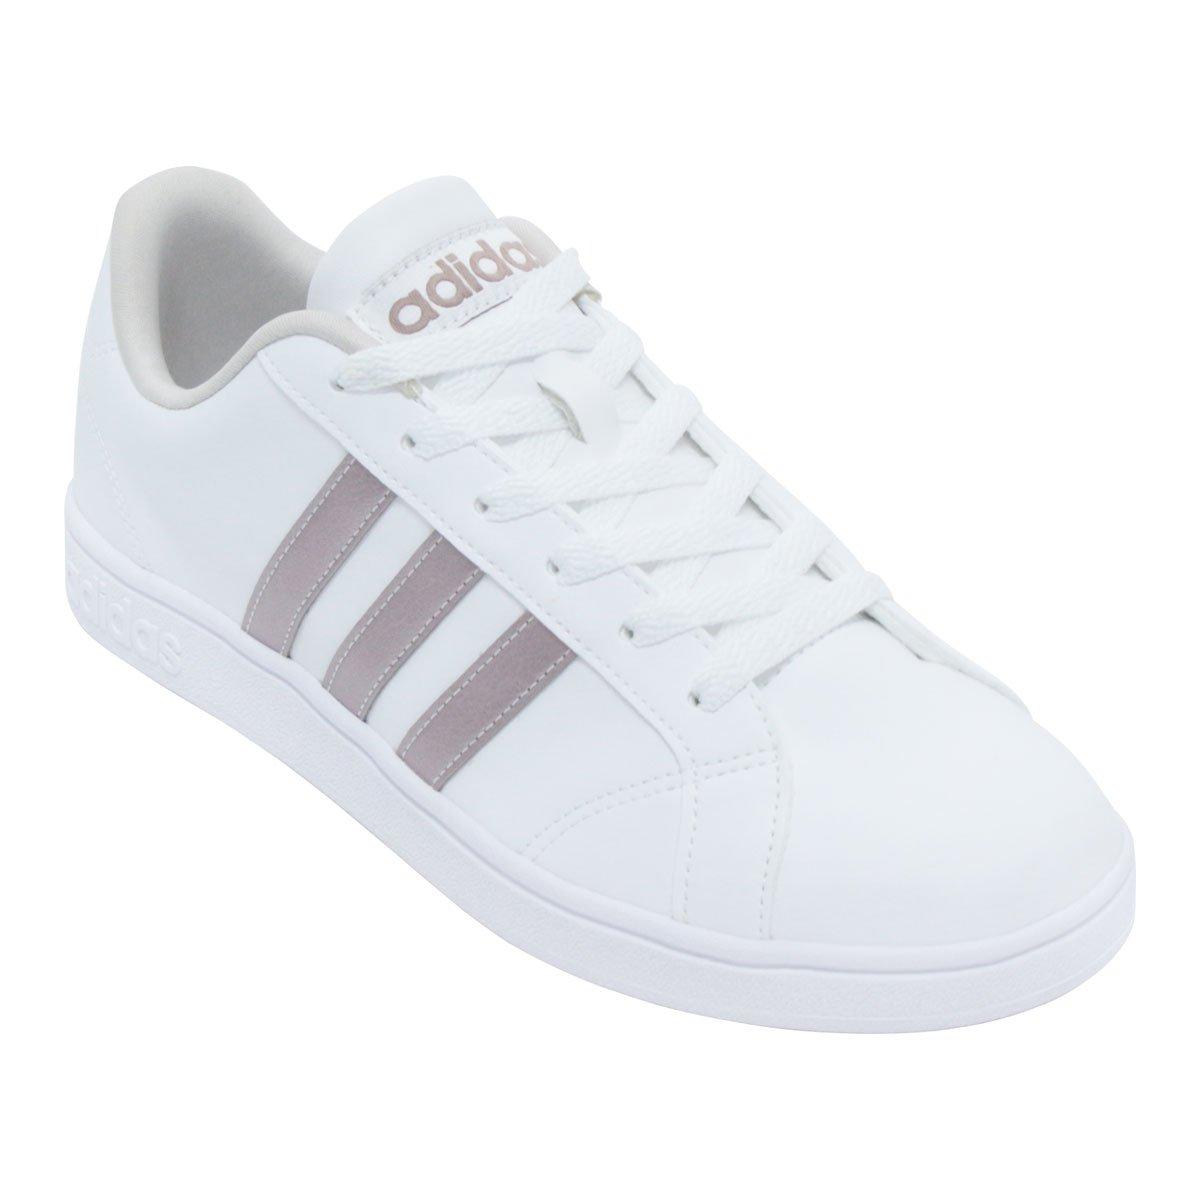 cd29f8839 Tênis Adidas VS Advantage W AW3865 - Compre Agora